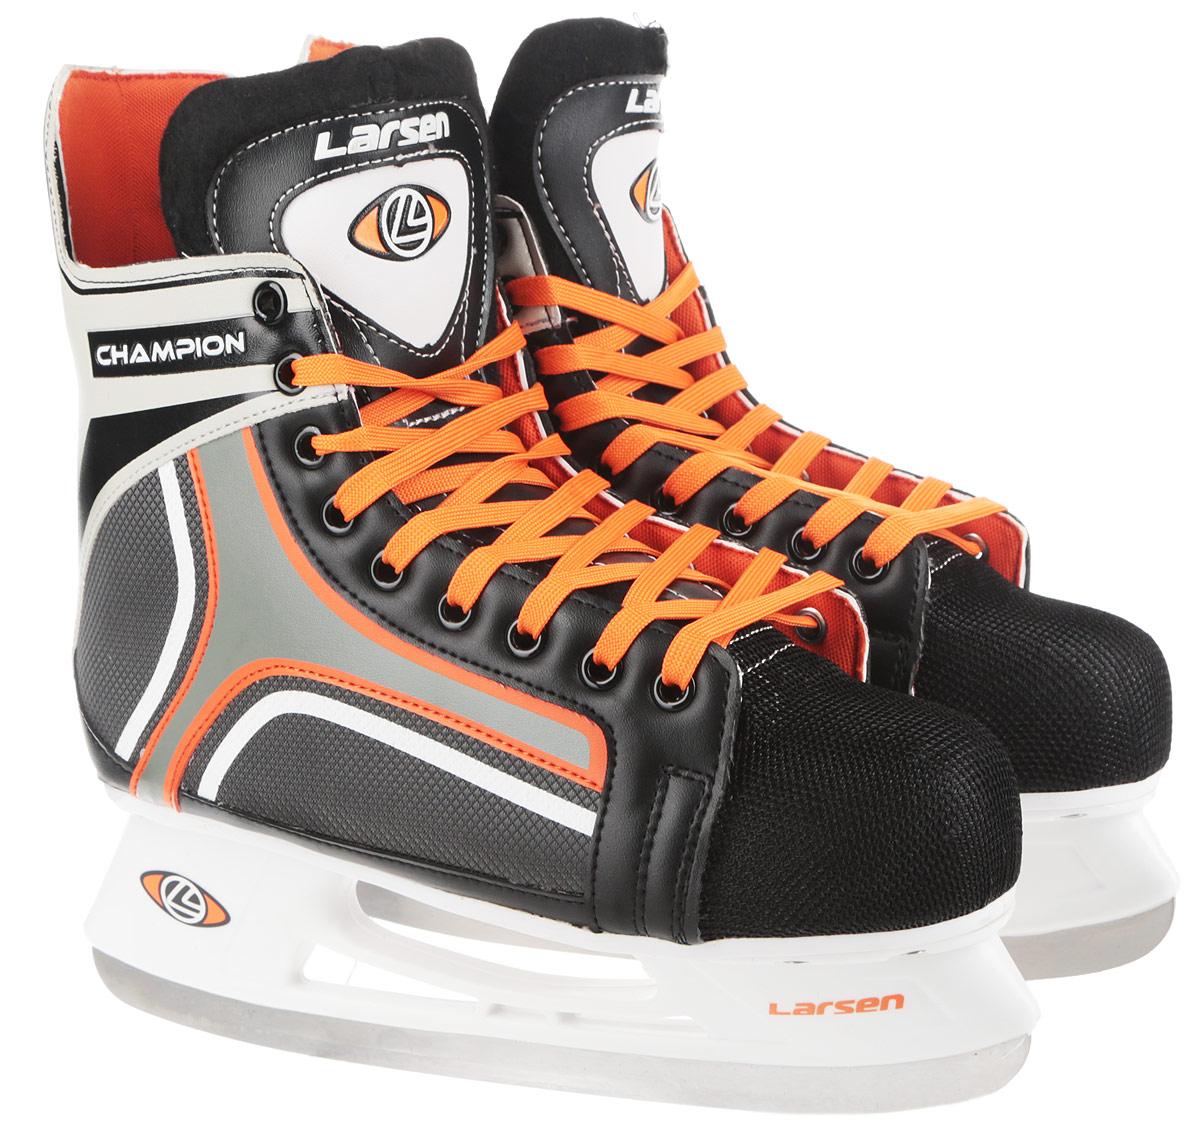 Коньки хоккейные мужские Larsen Champion, цвет: черный, белый, оранжевый. Размер 40